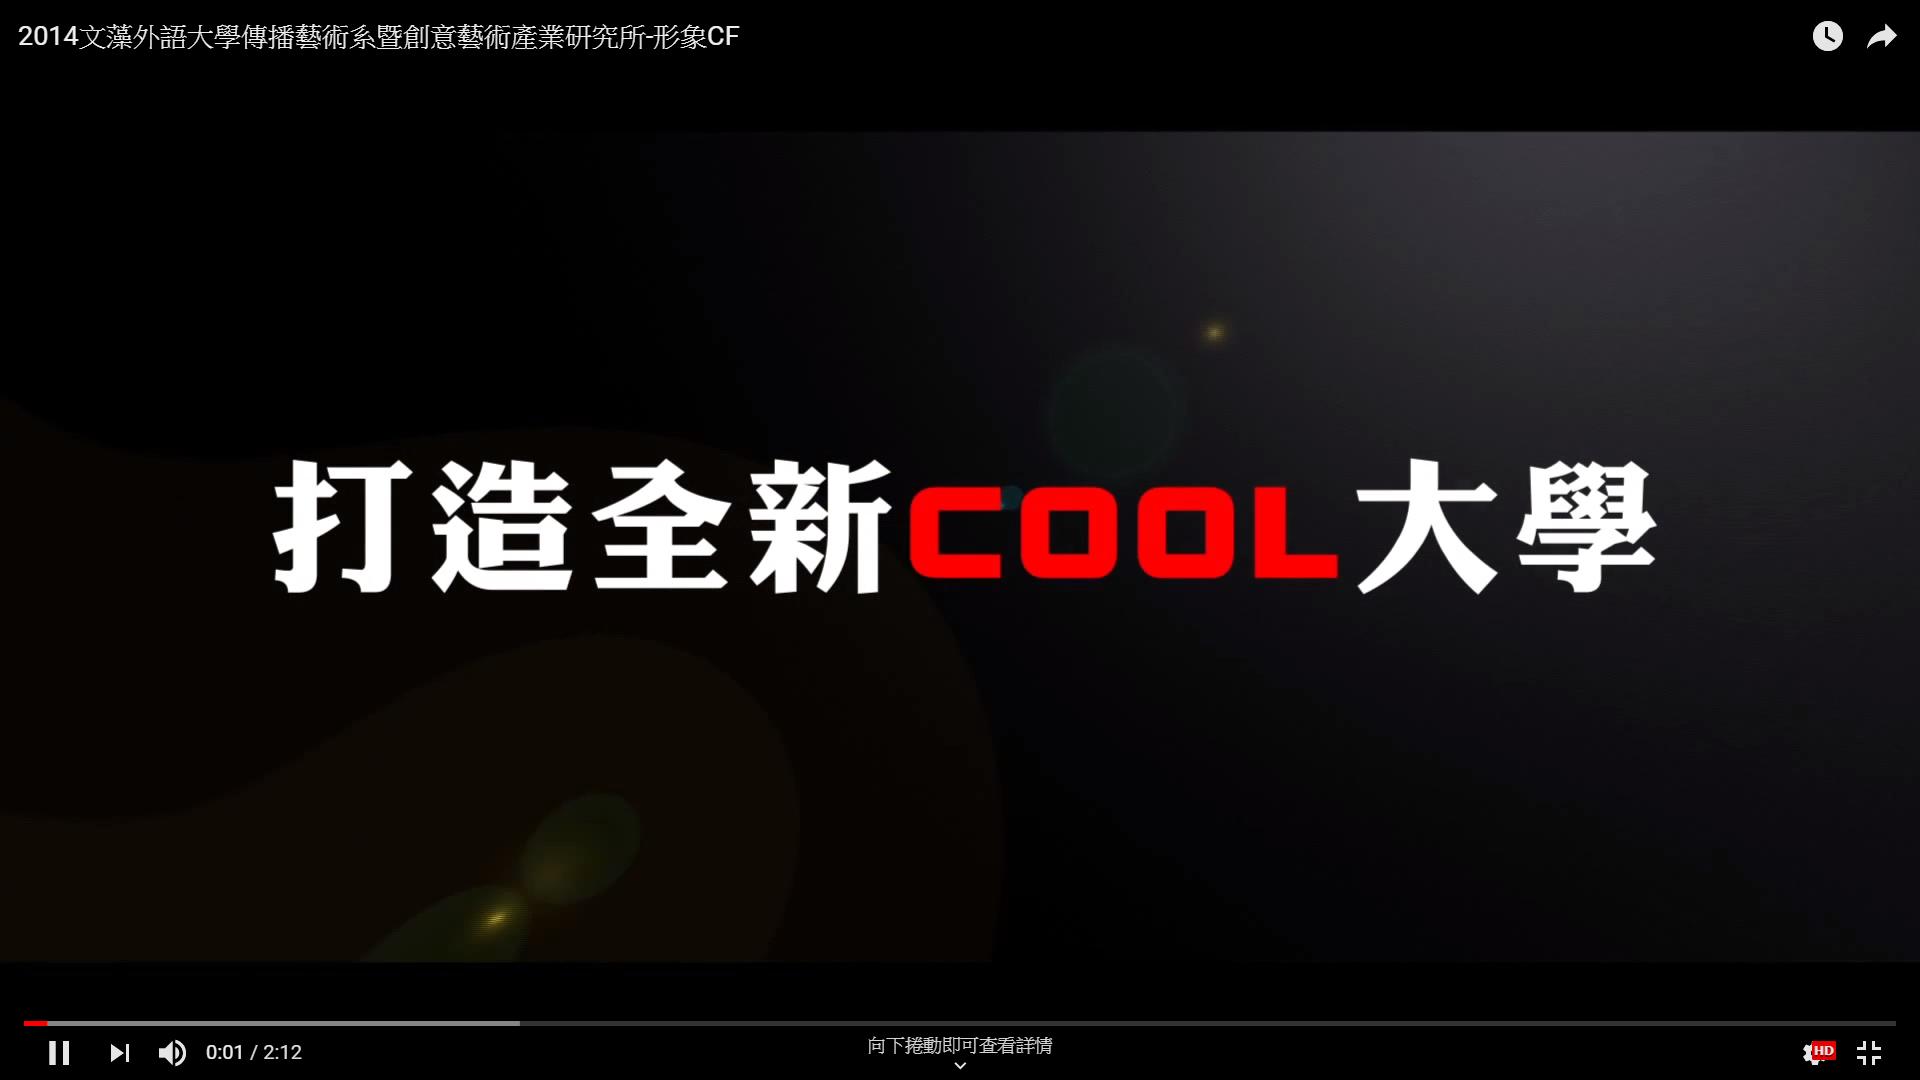 傳藝系/創藝所形象CF(另開新視窗)